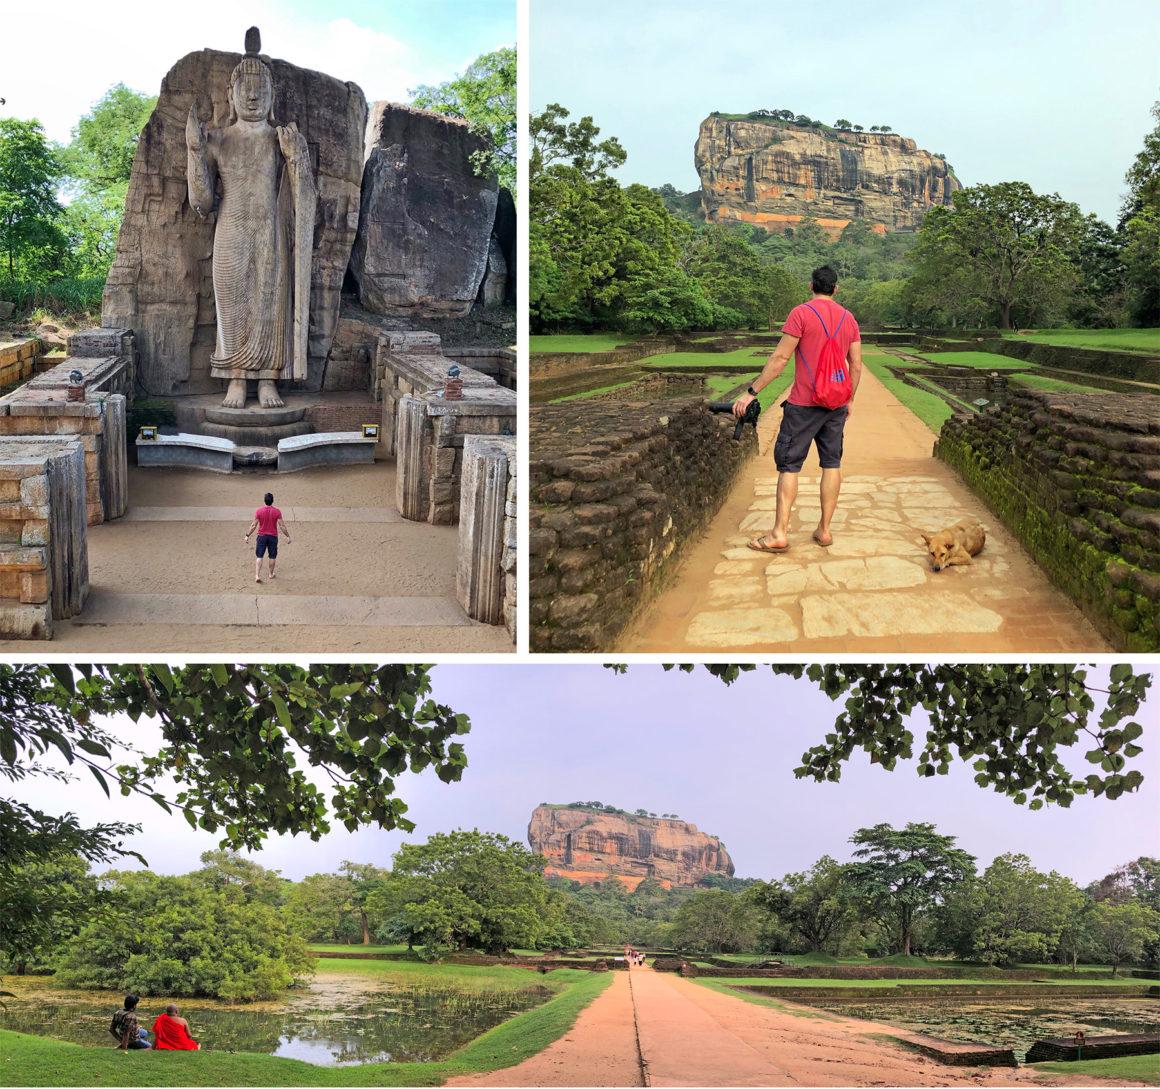 ruta por Sri Lanka en 8 días ruta por sri lanka en 8 días - thewotme avukana aukana sri lanka sigiriya lion rock 1160x1089 - Nuestra ruta por Sri Lanka en 8 días, diario de viaje